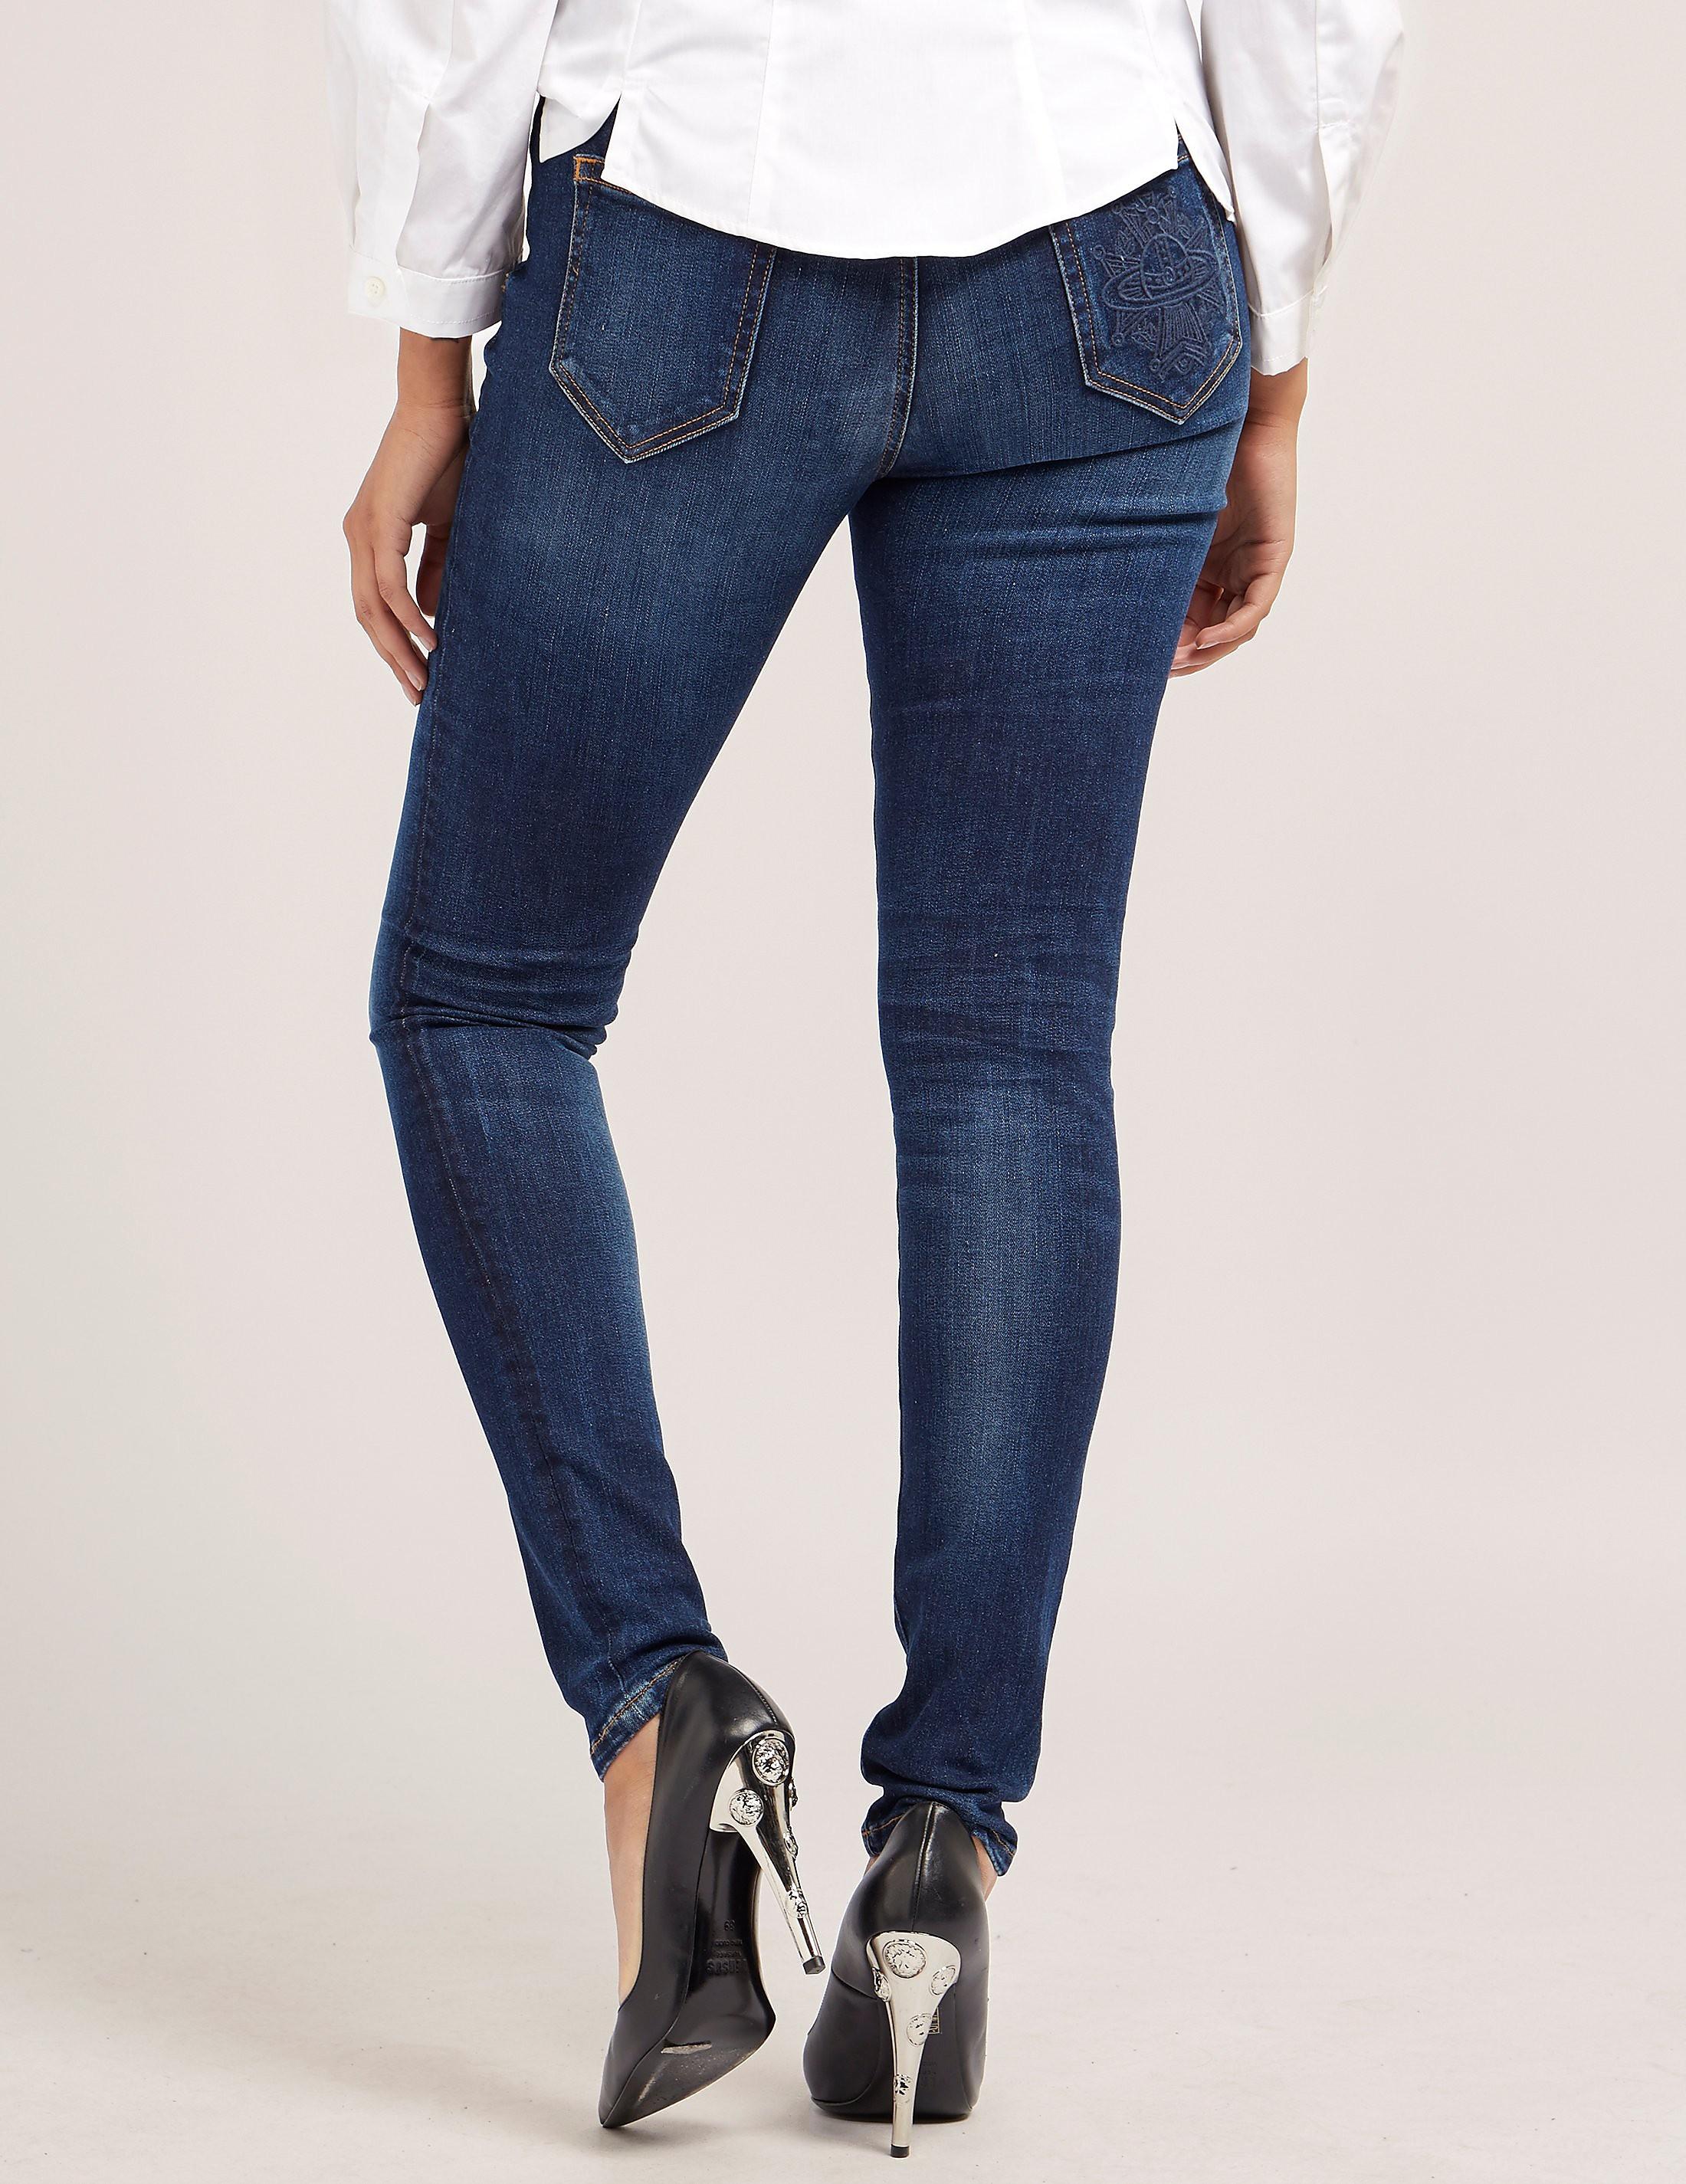 Vivienne Westwood Super Skinny Jeans